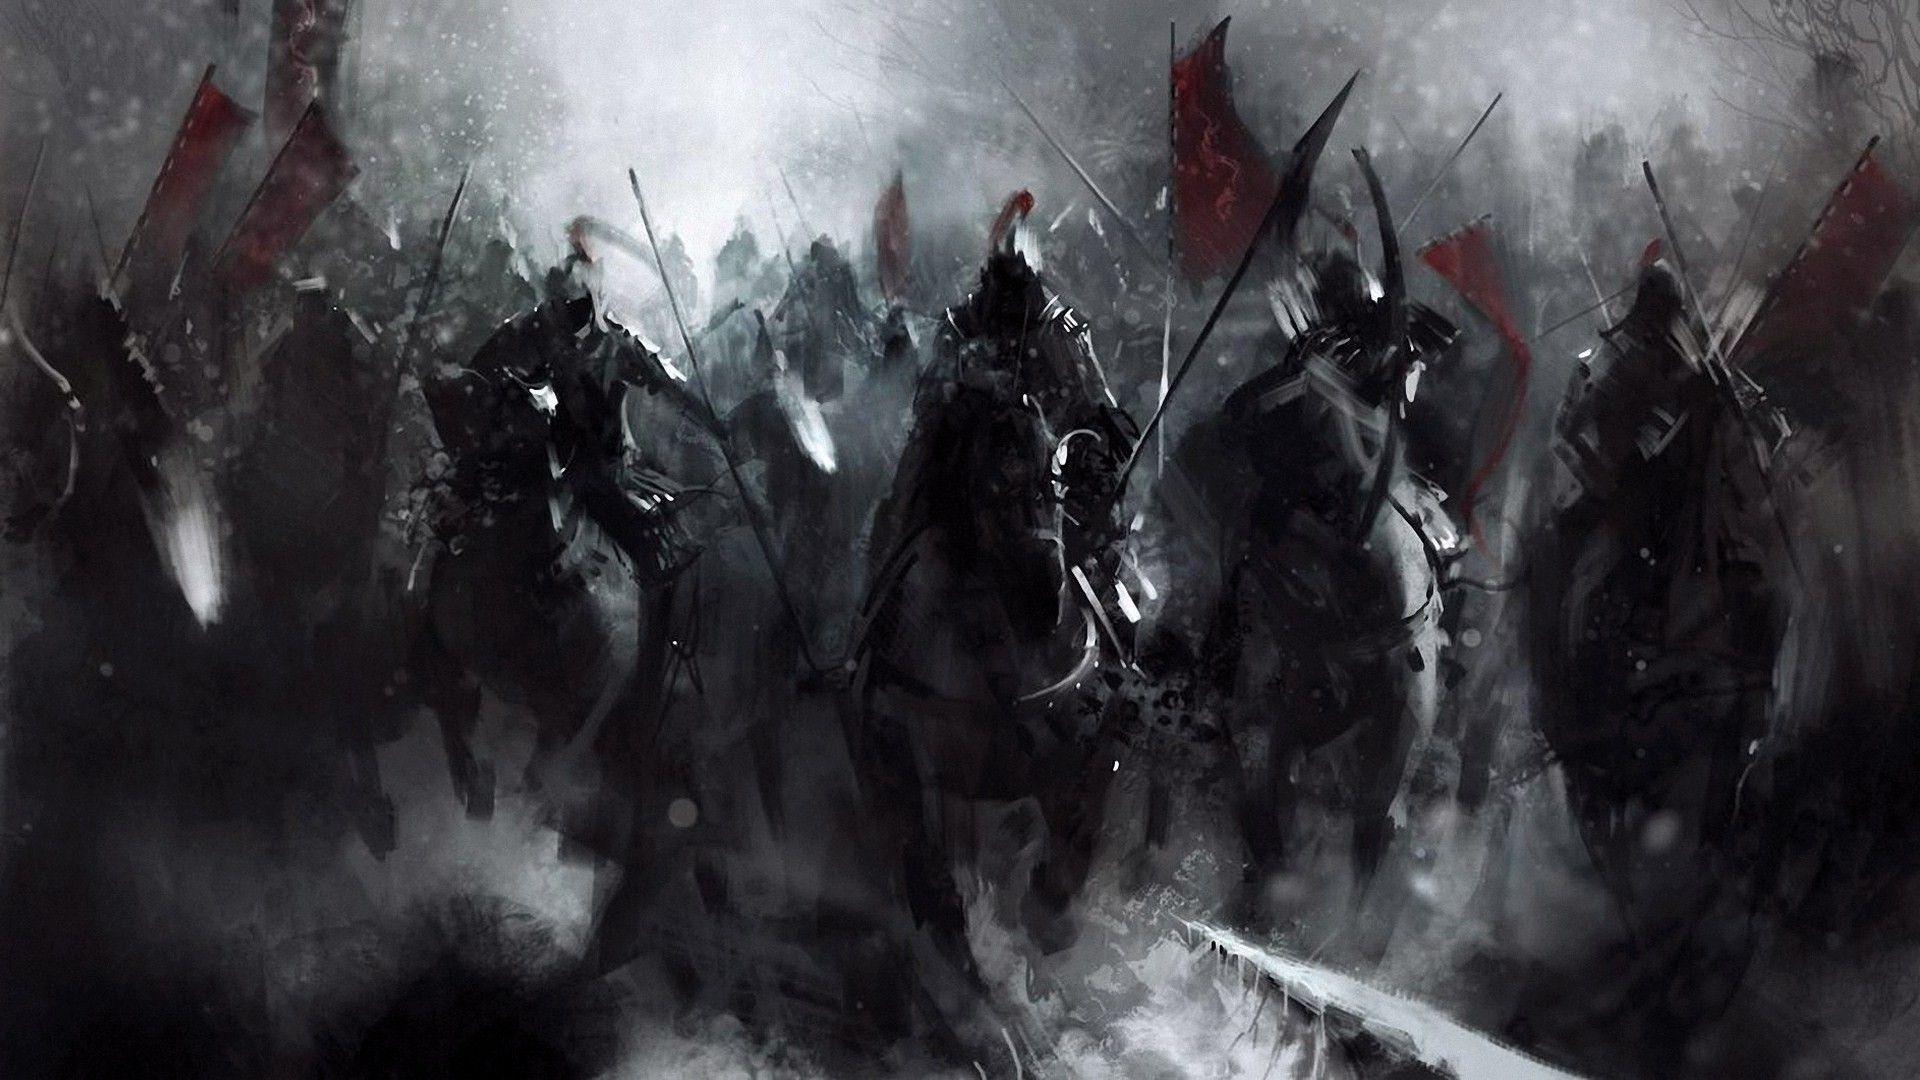 War Wallpapers - Gameplayergroup